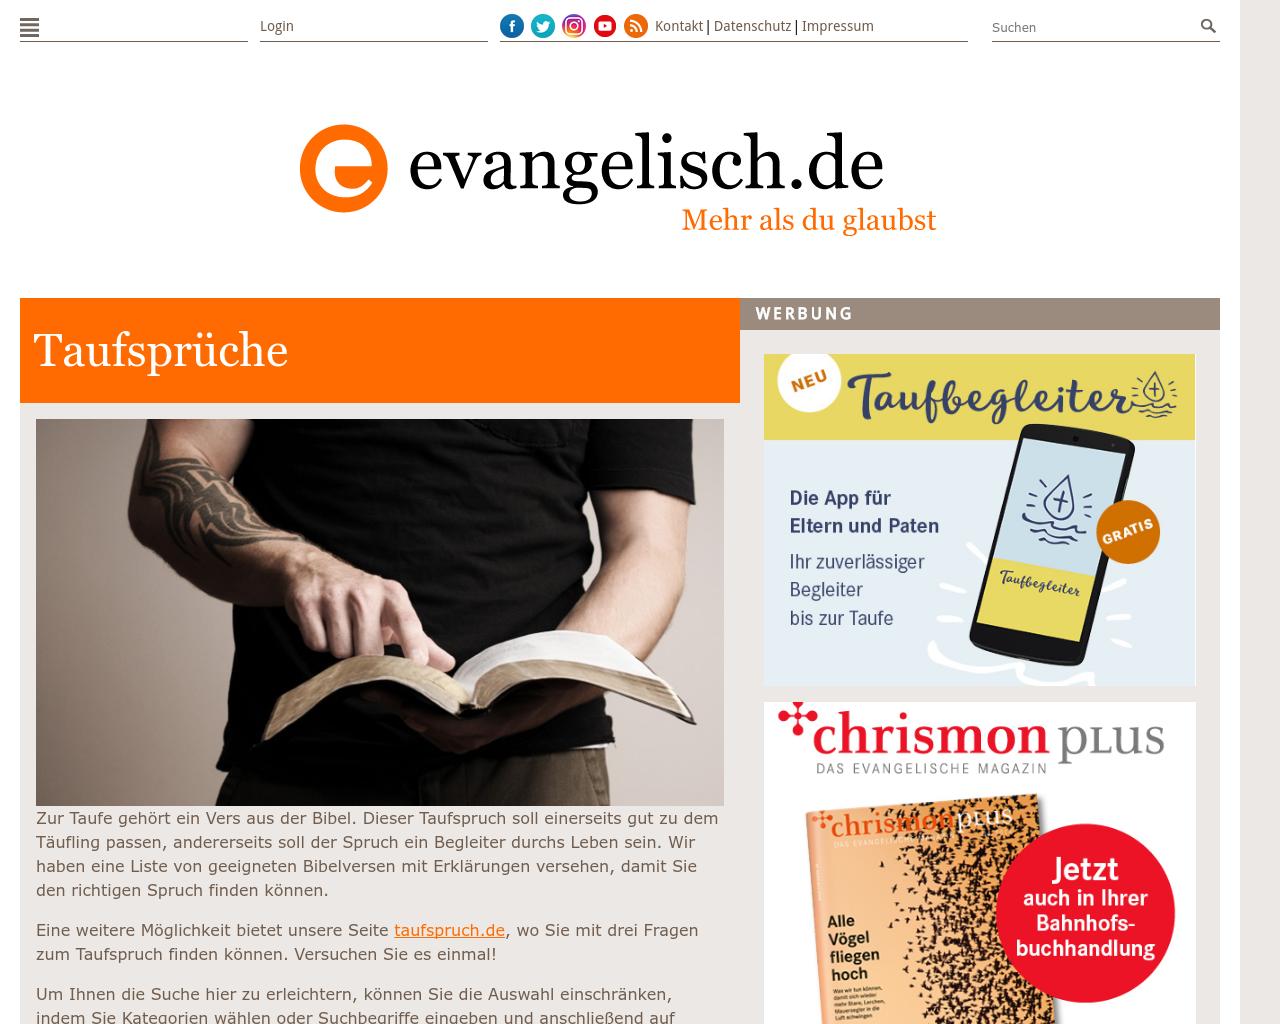 Evangelische Taufsprüche Taufe 2019 10 12